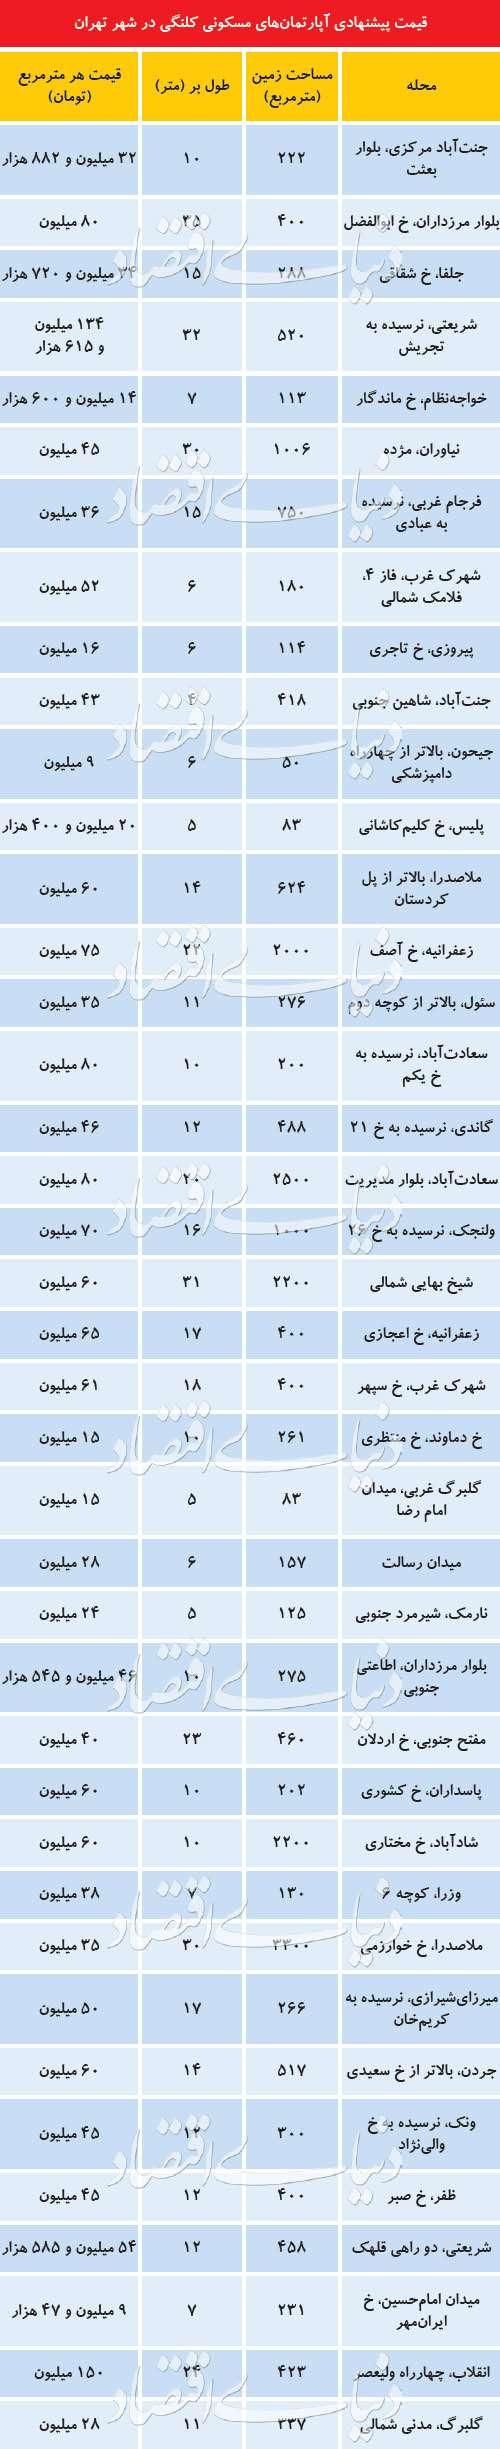 قیمت کلنگیهای بازار مسکن تهران